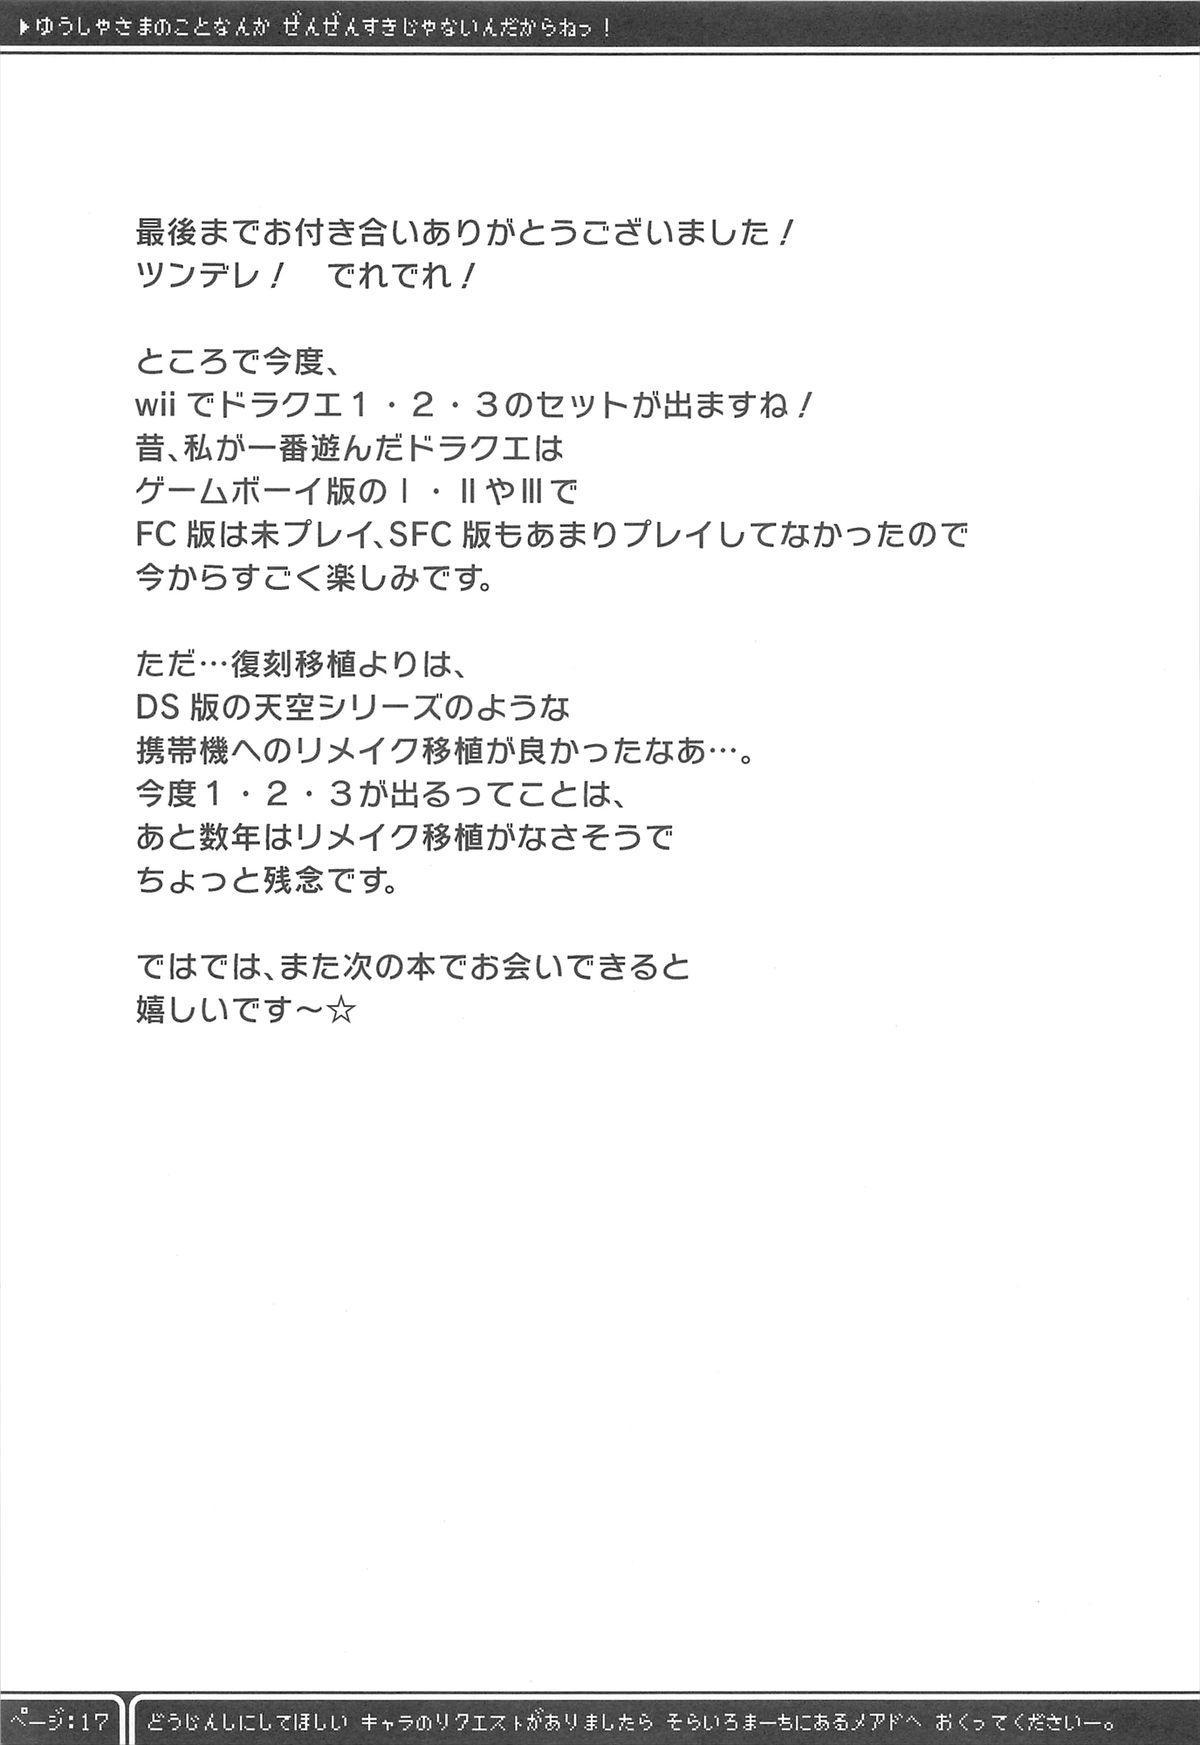 Yuusha-sama no Koto Nanka Zenzen Suki Janain Dakara ne!! 16